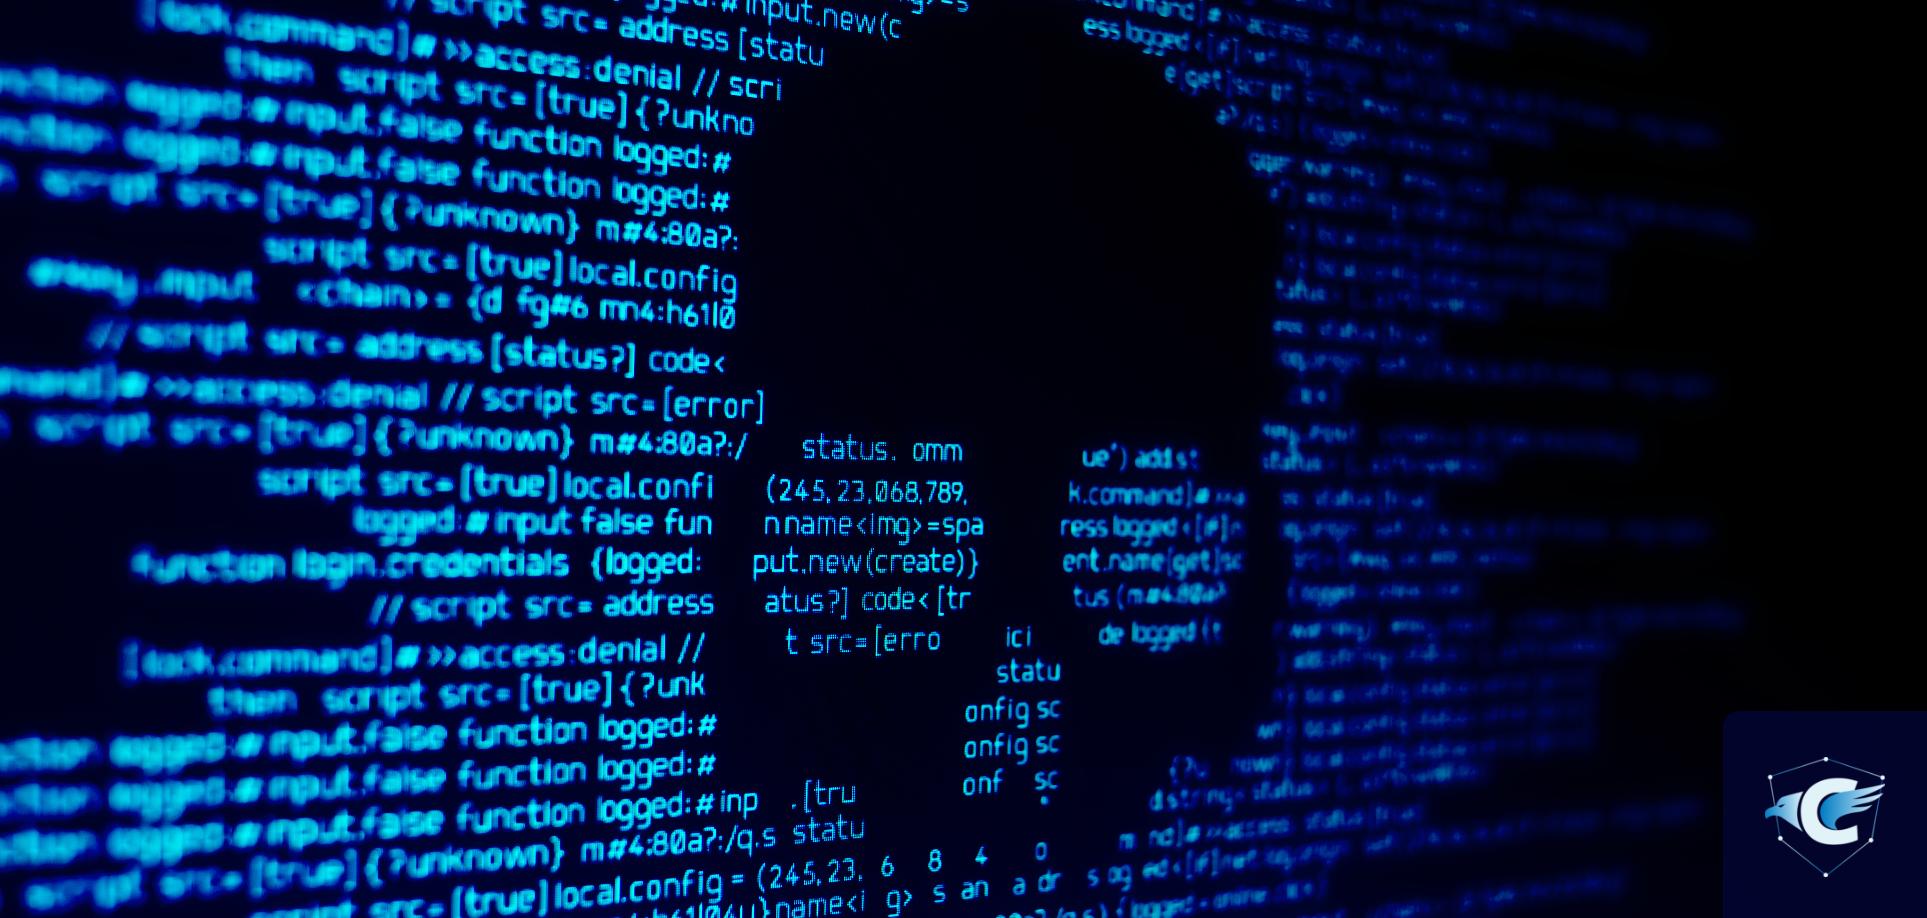 Apprenez-en plus sur le malware !